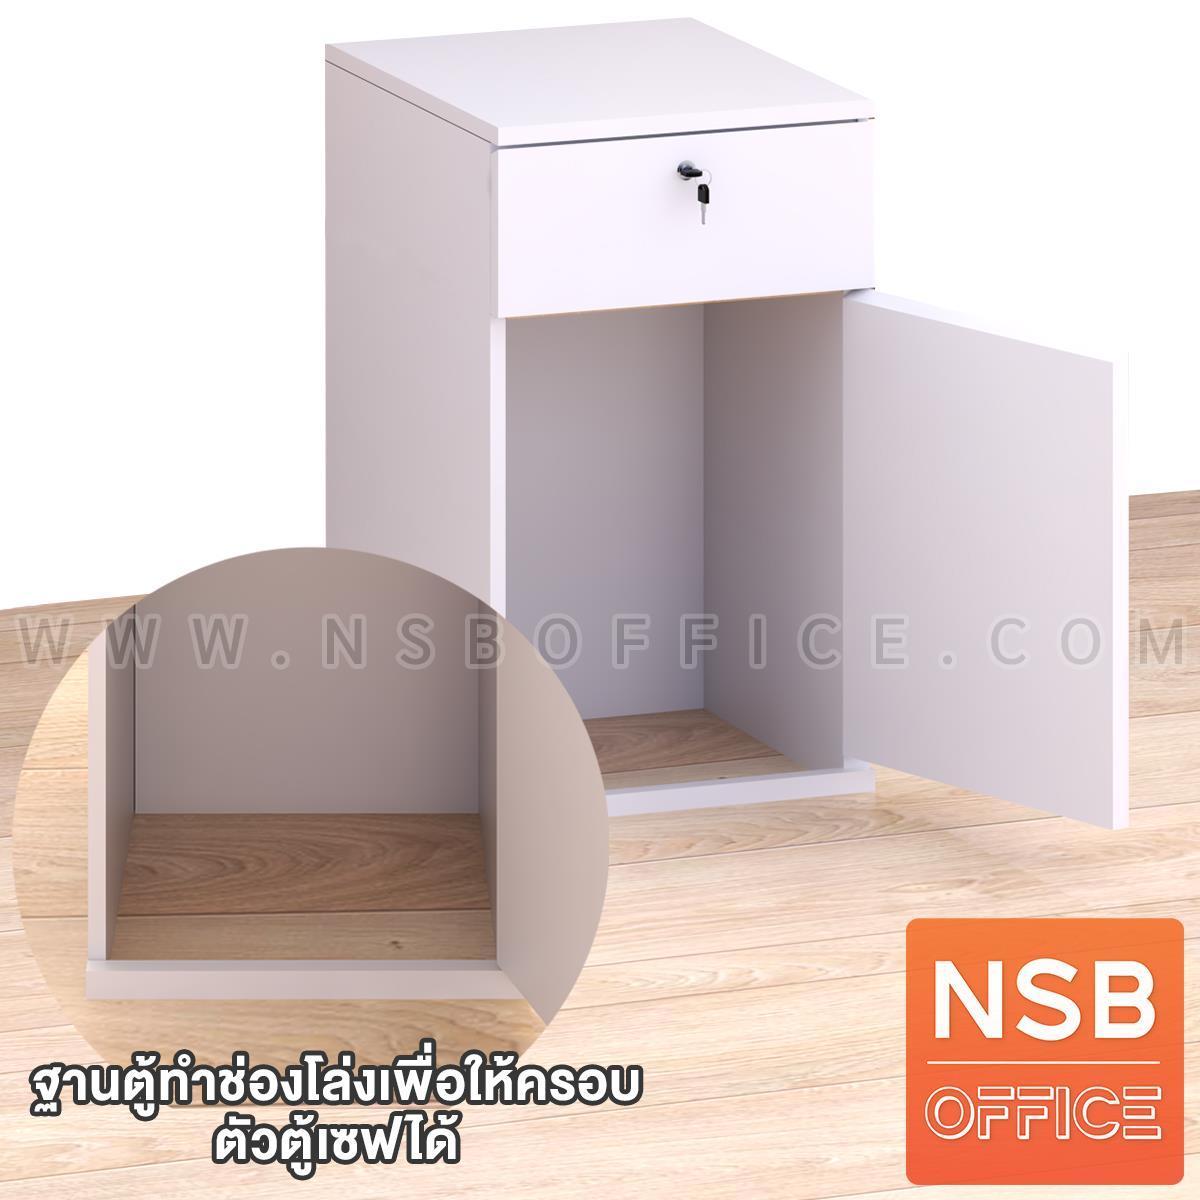 ตู้ครอบเซฟ (แนวนอน) รุ่น Backtro (แบ็คโทร) ขนาด 58W*55D*63H cm. สำหรับตู้เซฟน้ำหนัก 51 กก.